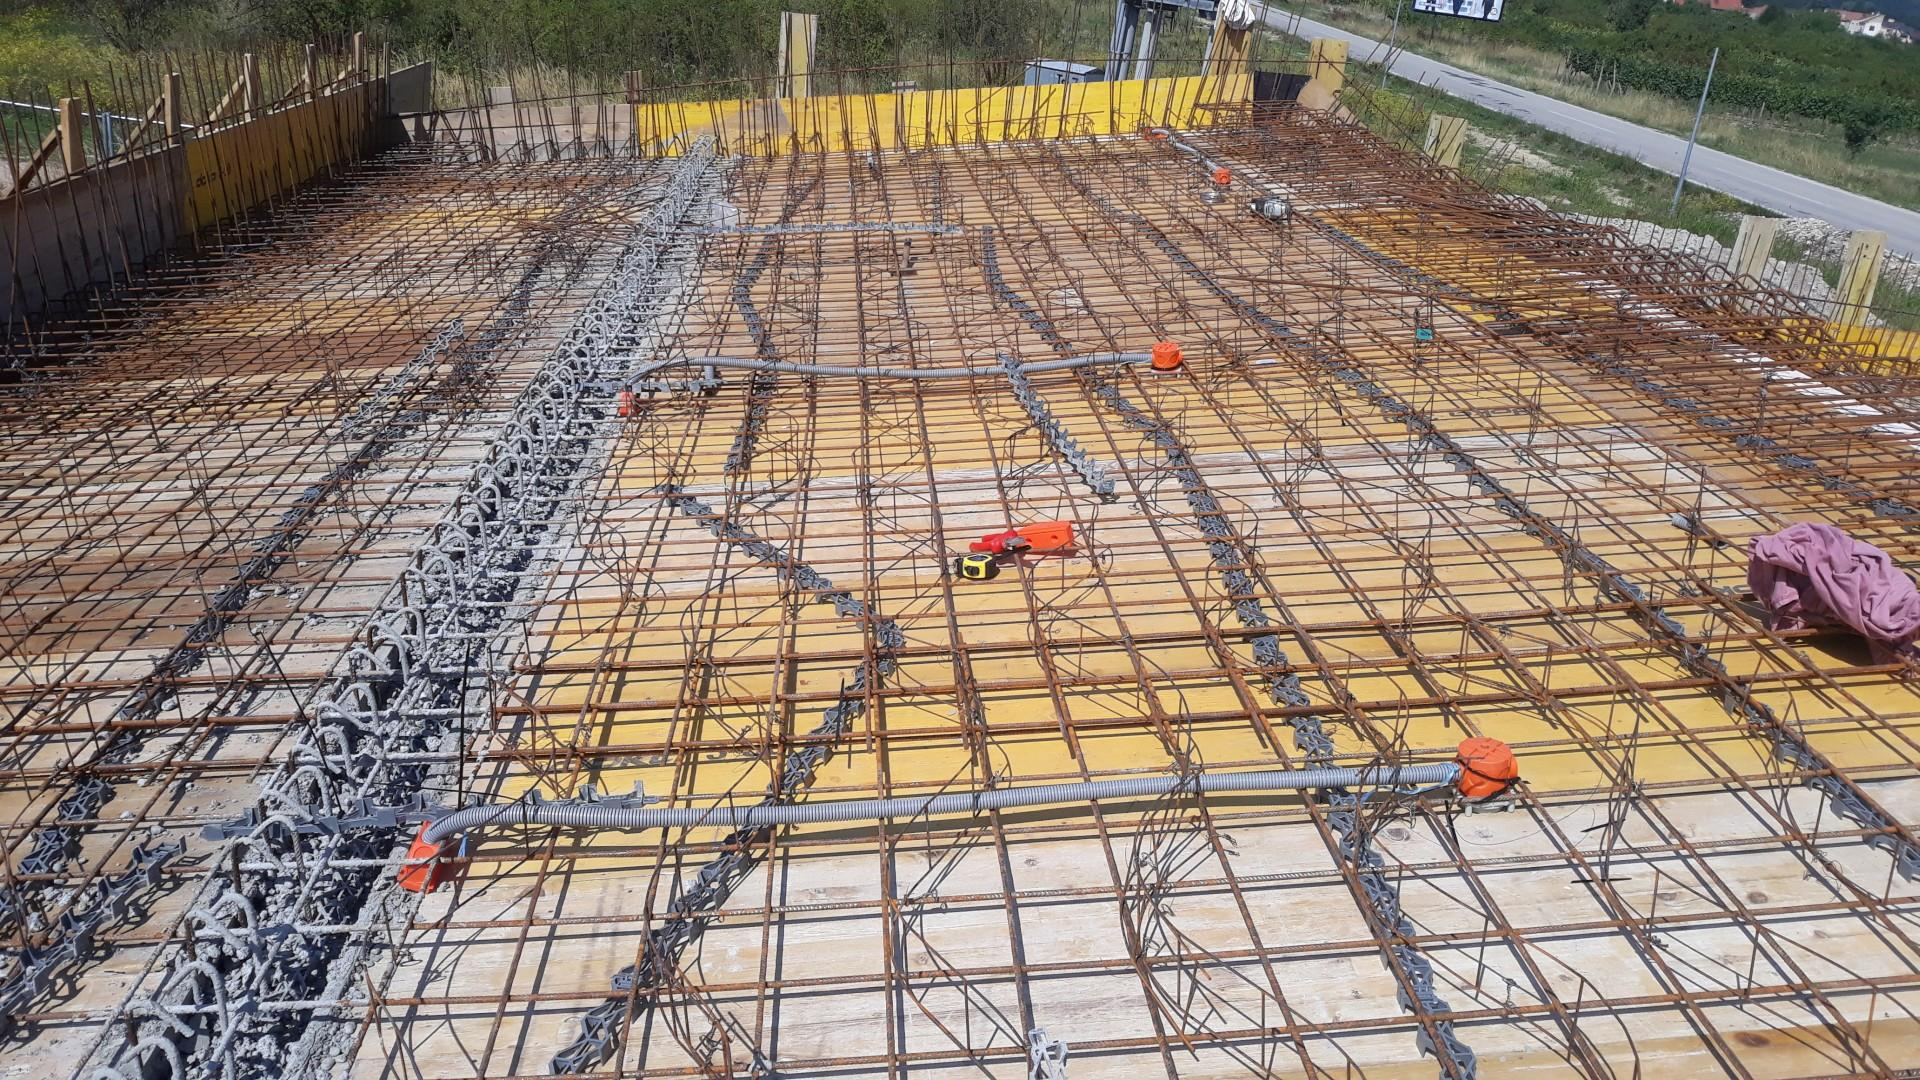 Vrchná stavba - VPC Kalksandstein murivo, zelená strecha - Trasy sú vedené od stredu miestností k obvodovému murivu, kde sú zakončené rozbočovaciou krabicou - tam budú káble pokračovať k vypínačom a do technickej po stene/prievlaku ukryté v SDK kastlíkoch, resp. prístenách vo výške od 12 rady tehiel po strop...